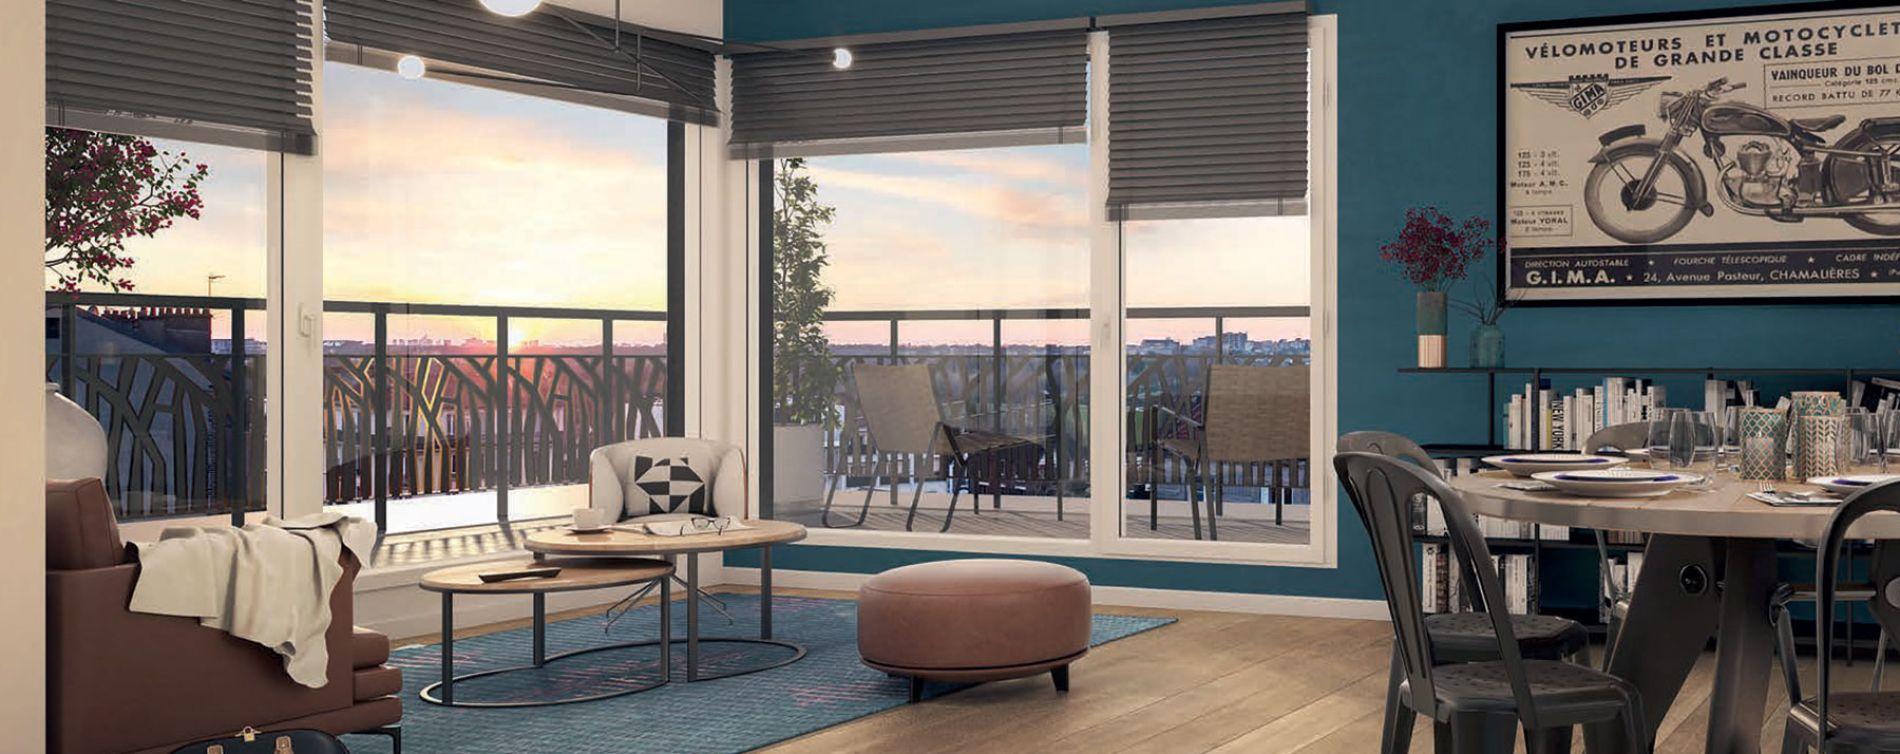 Champigny-sur-Marne : programme immobilier neuve « Programme immobilier n°218282 » (3)